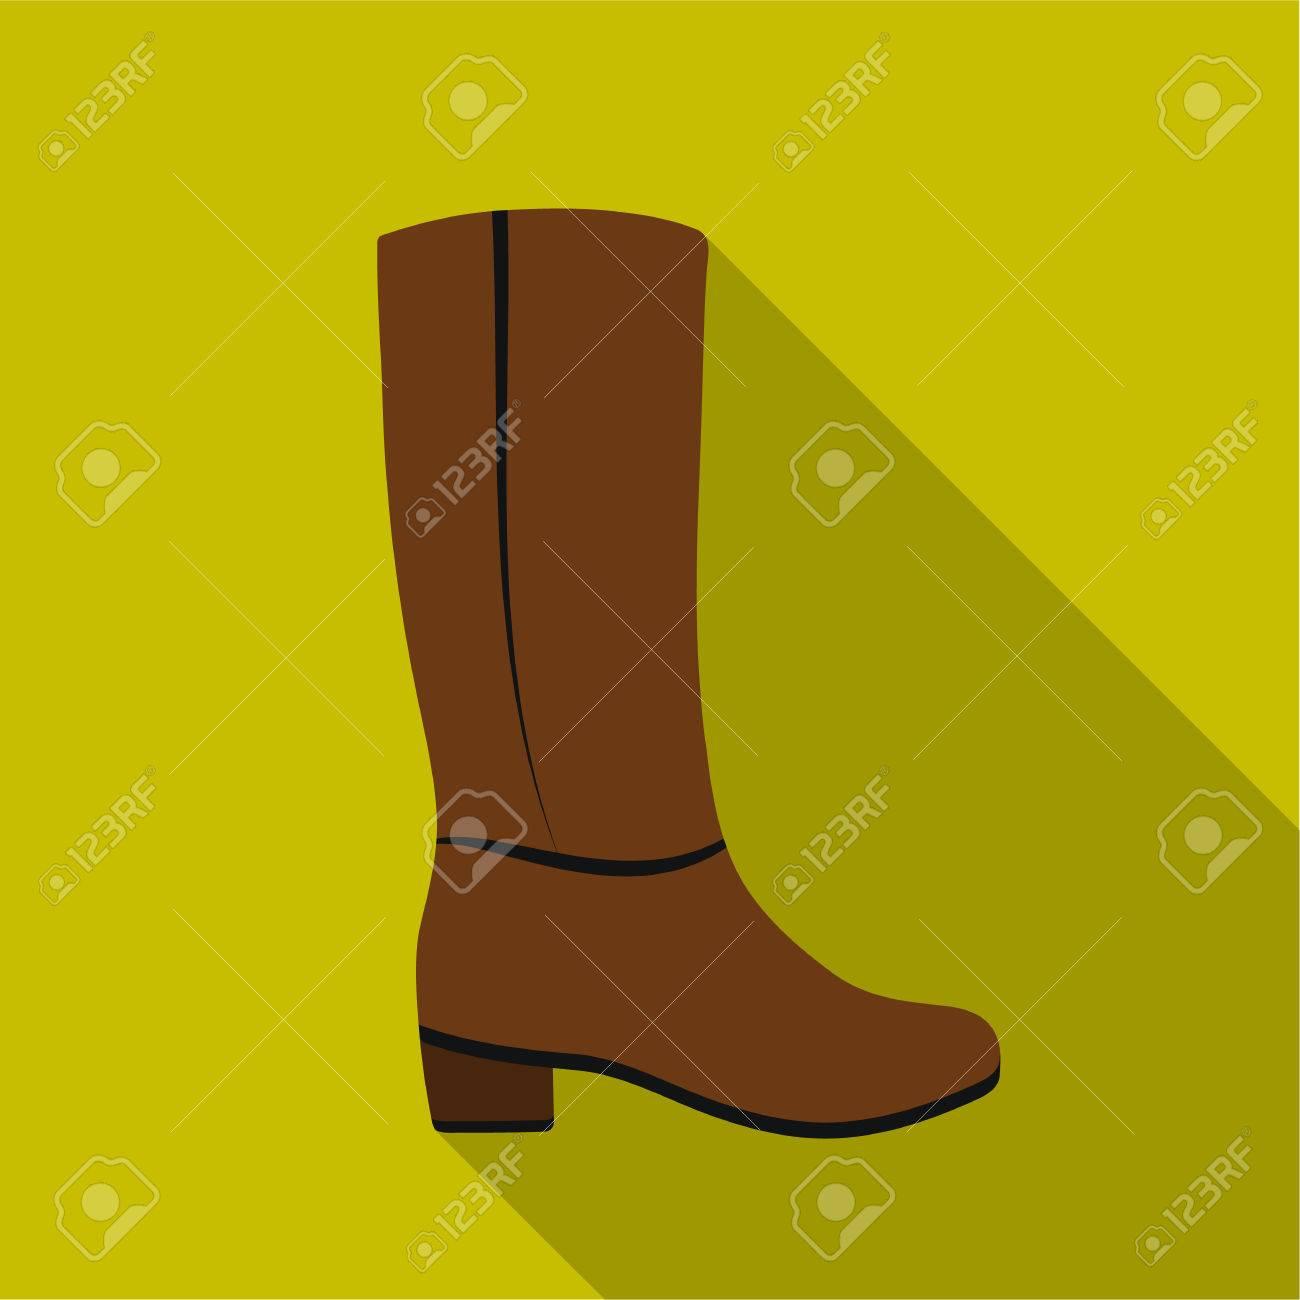 Rodilla icono de botas altas en estilo plano aislado sobre fondo blanco. Zapatos símbolo stock ilustración vectorial.